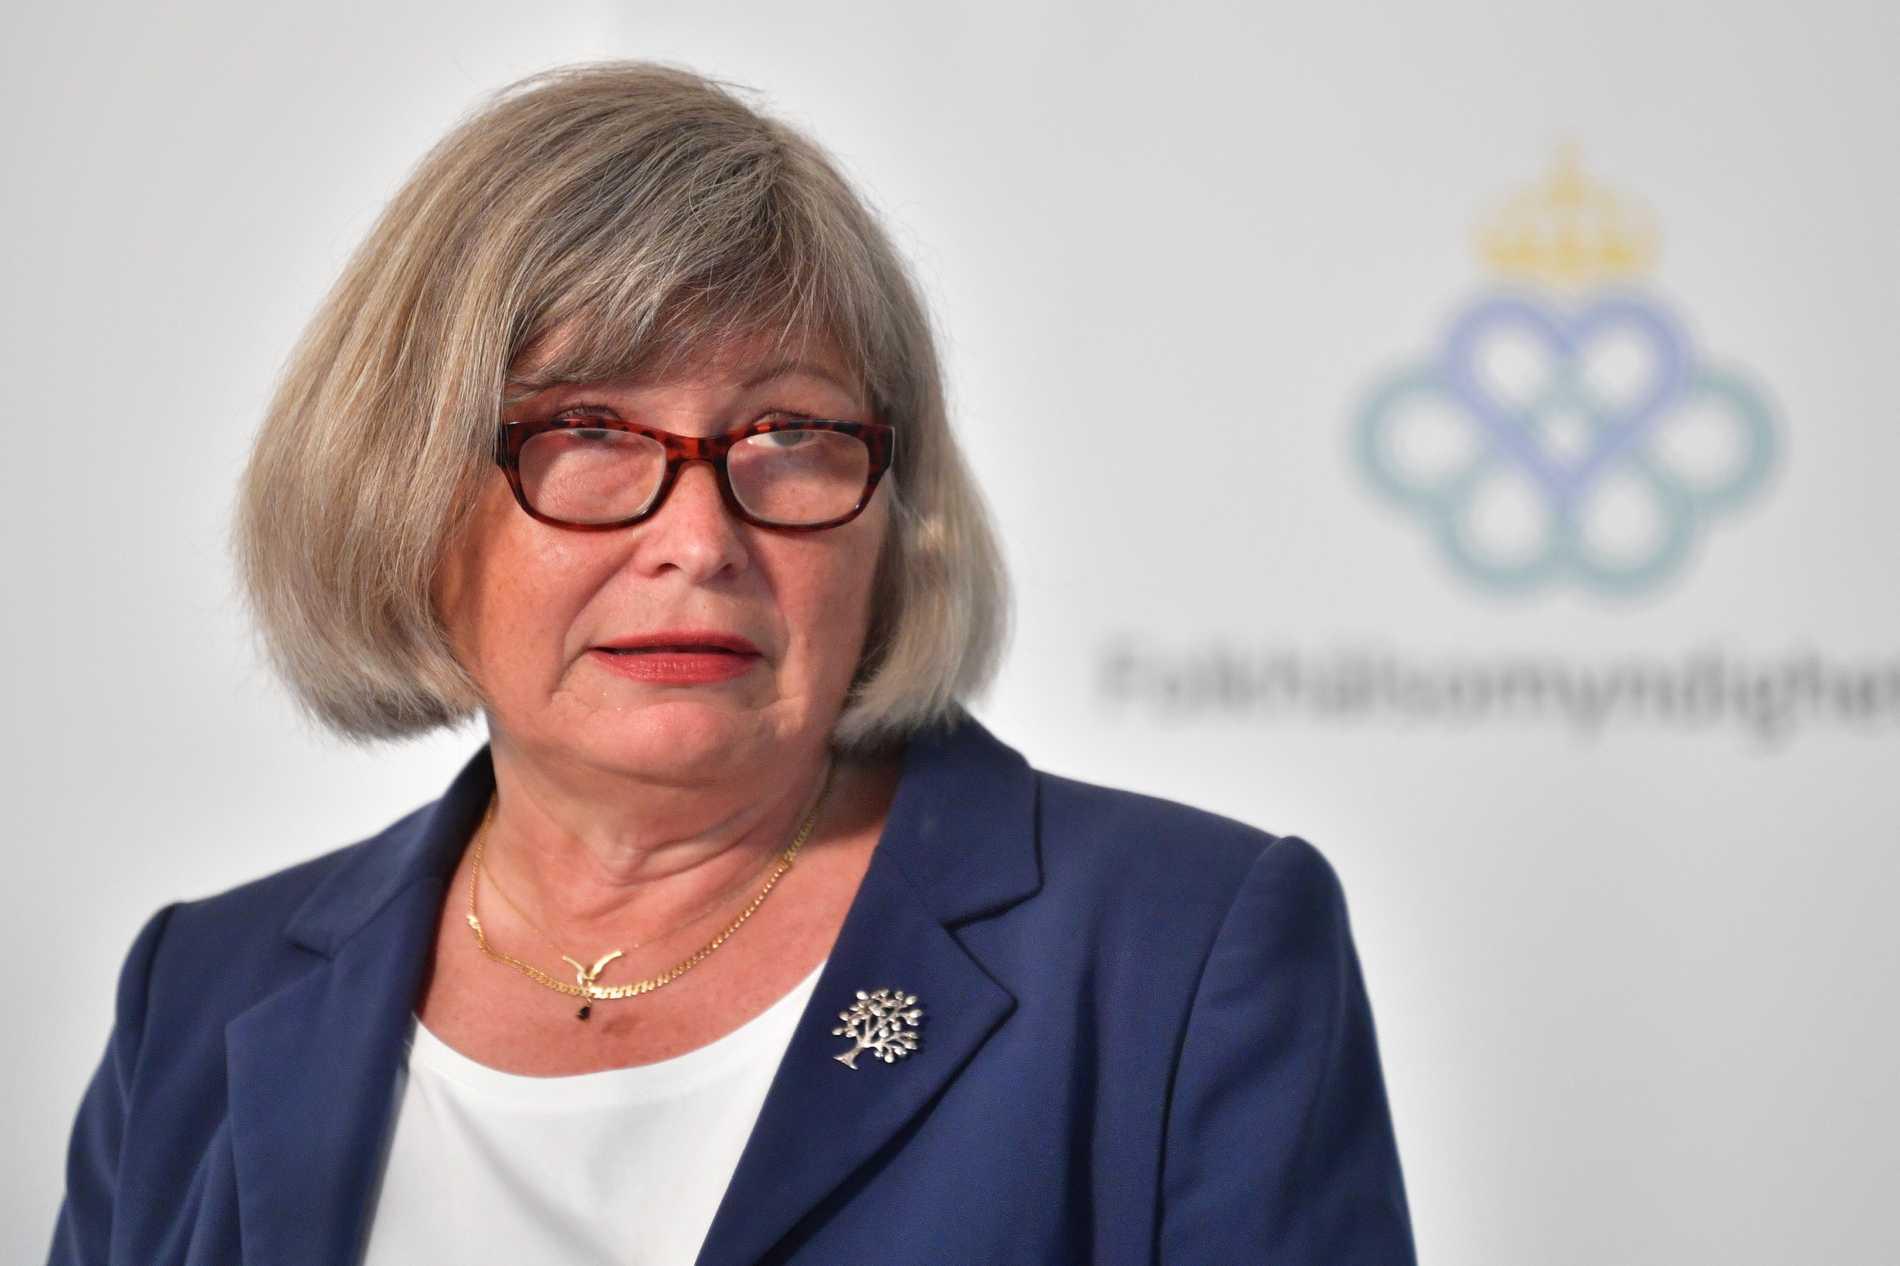 Lena Nyberg, generaldirektör för Myndigheten för ungdoms- och civilsamhällesfrågor. Arkivbild.